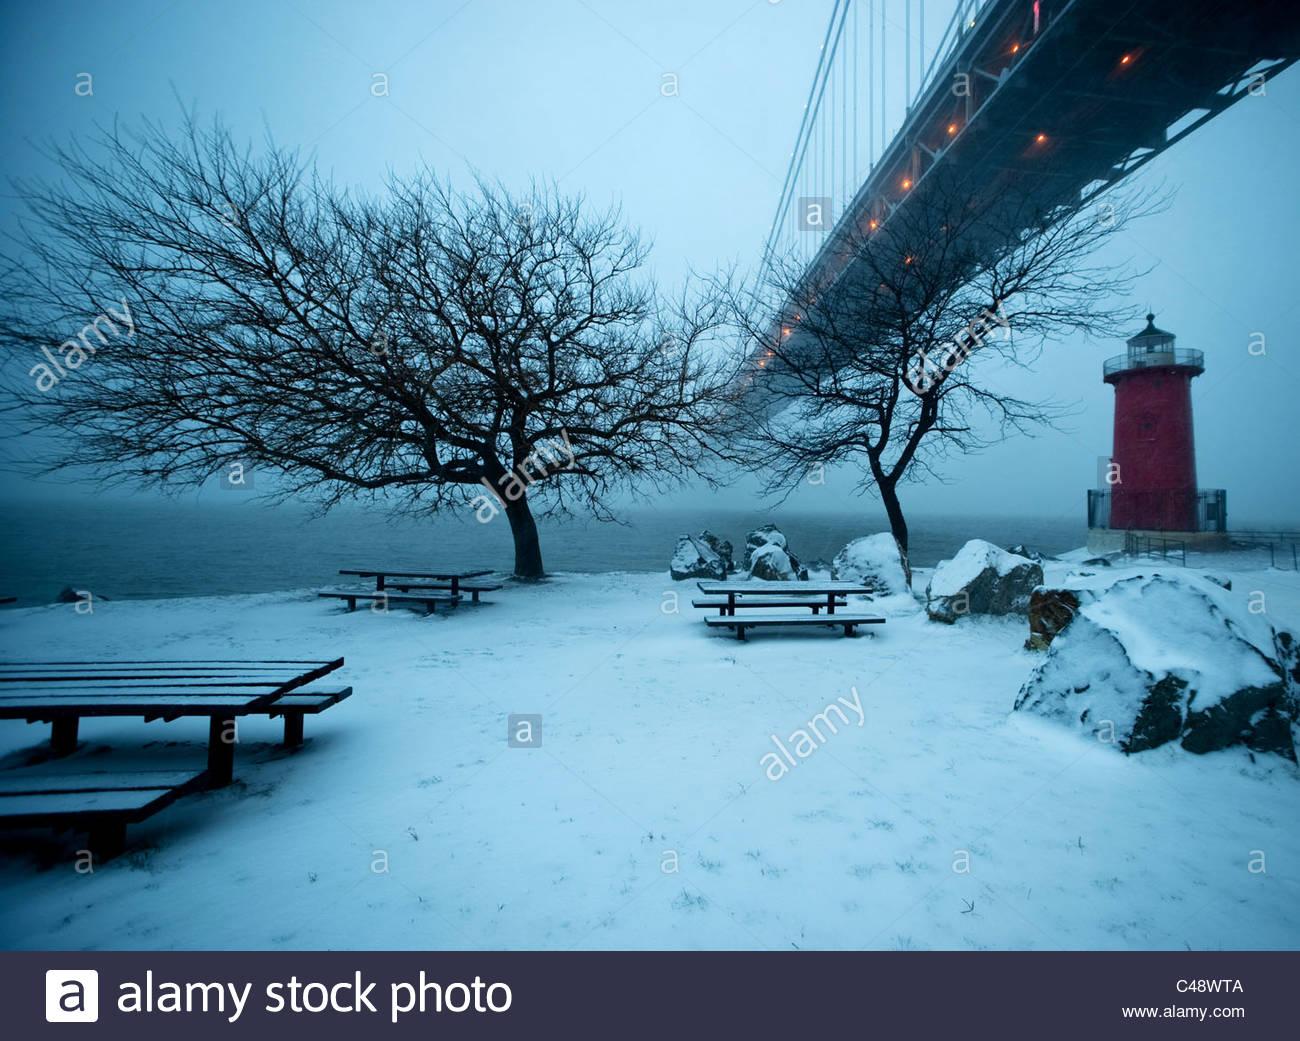 Ein kleiner roter Leuchtturm sitzt unter einer großen Brücke im Schnee in der Abenddämmerung. Stockbild